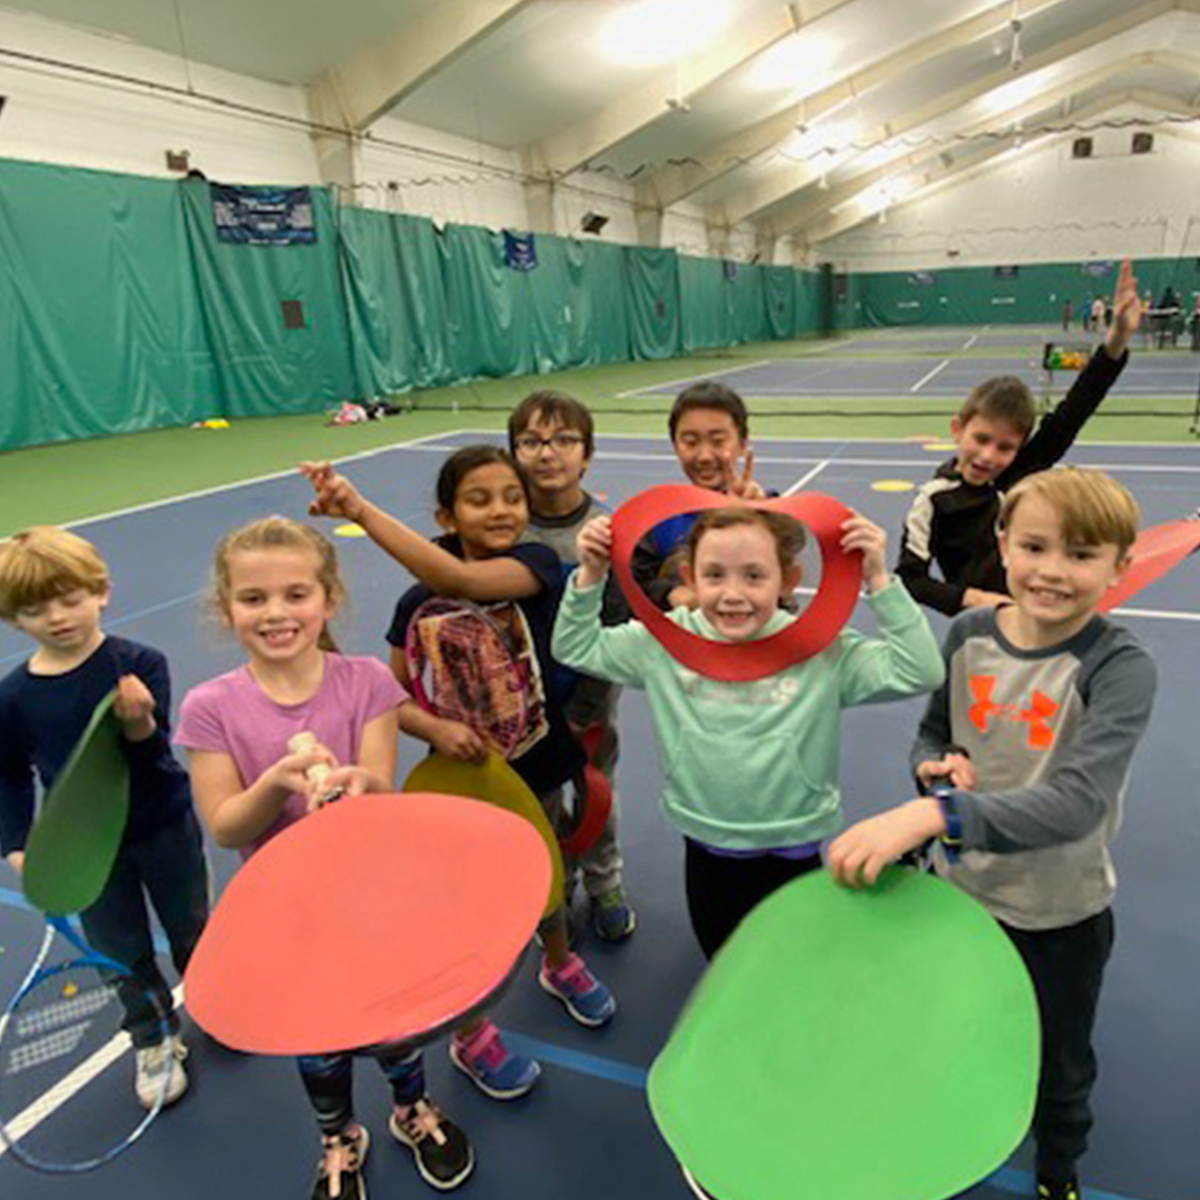 Kids tennis at Kinetix is fun